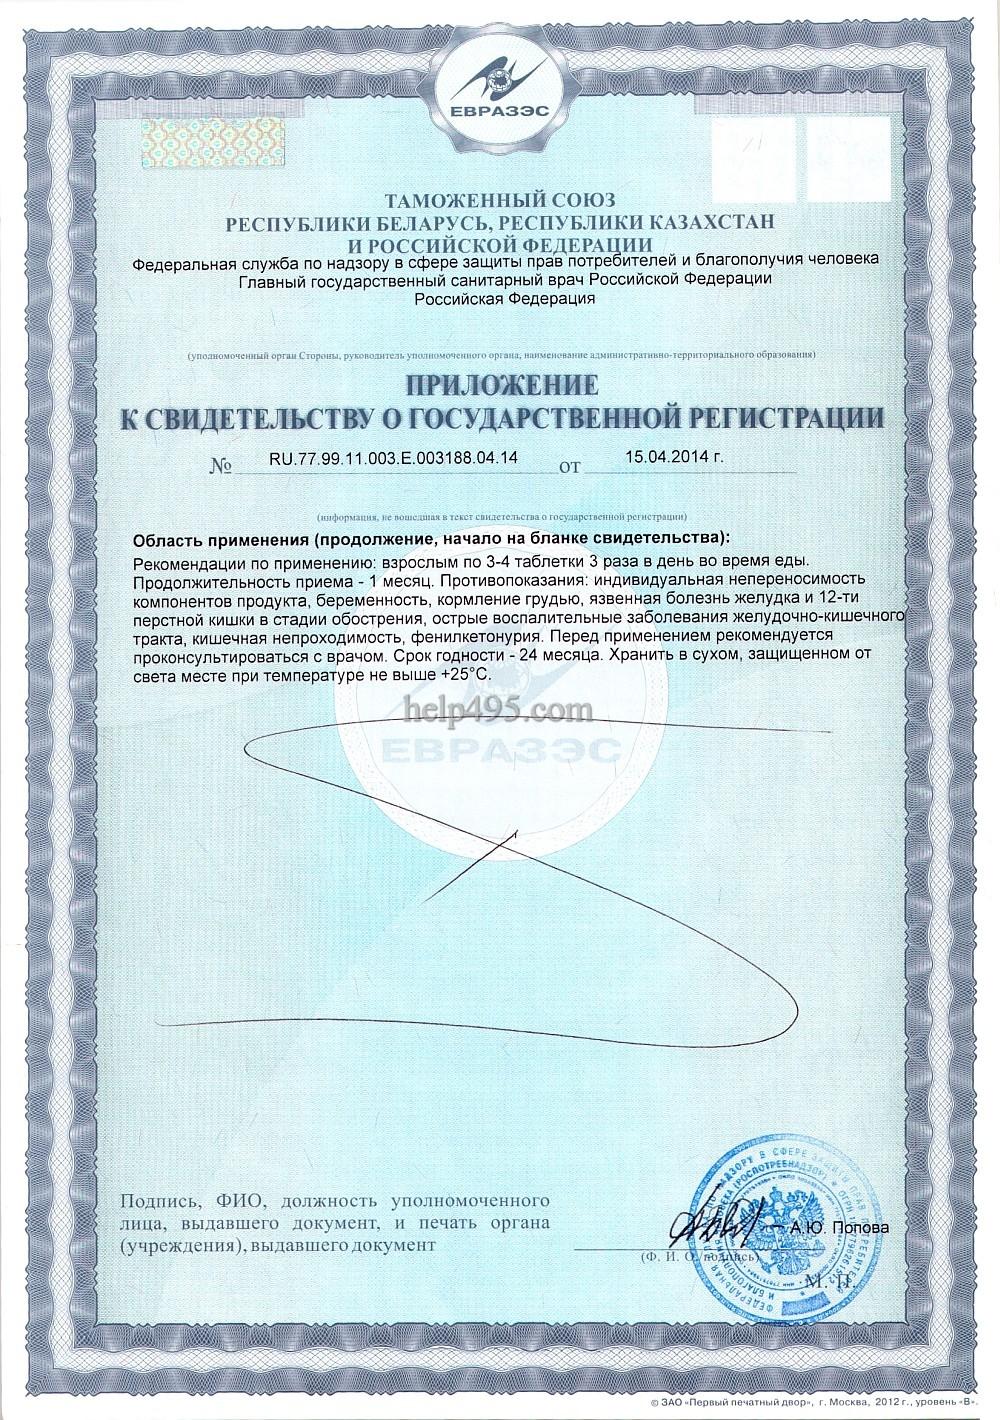 2-ая стр. сертификата препарата Тяньши: Таблетки с целлюлозой